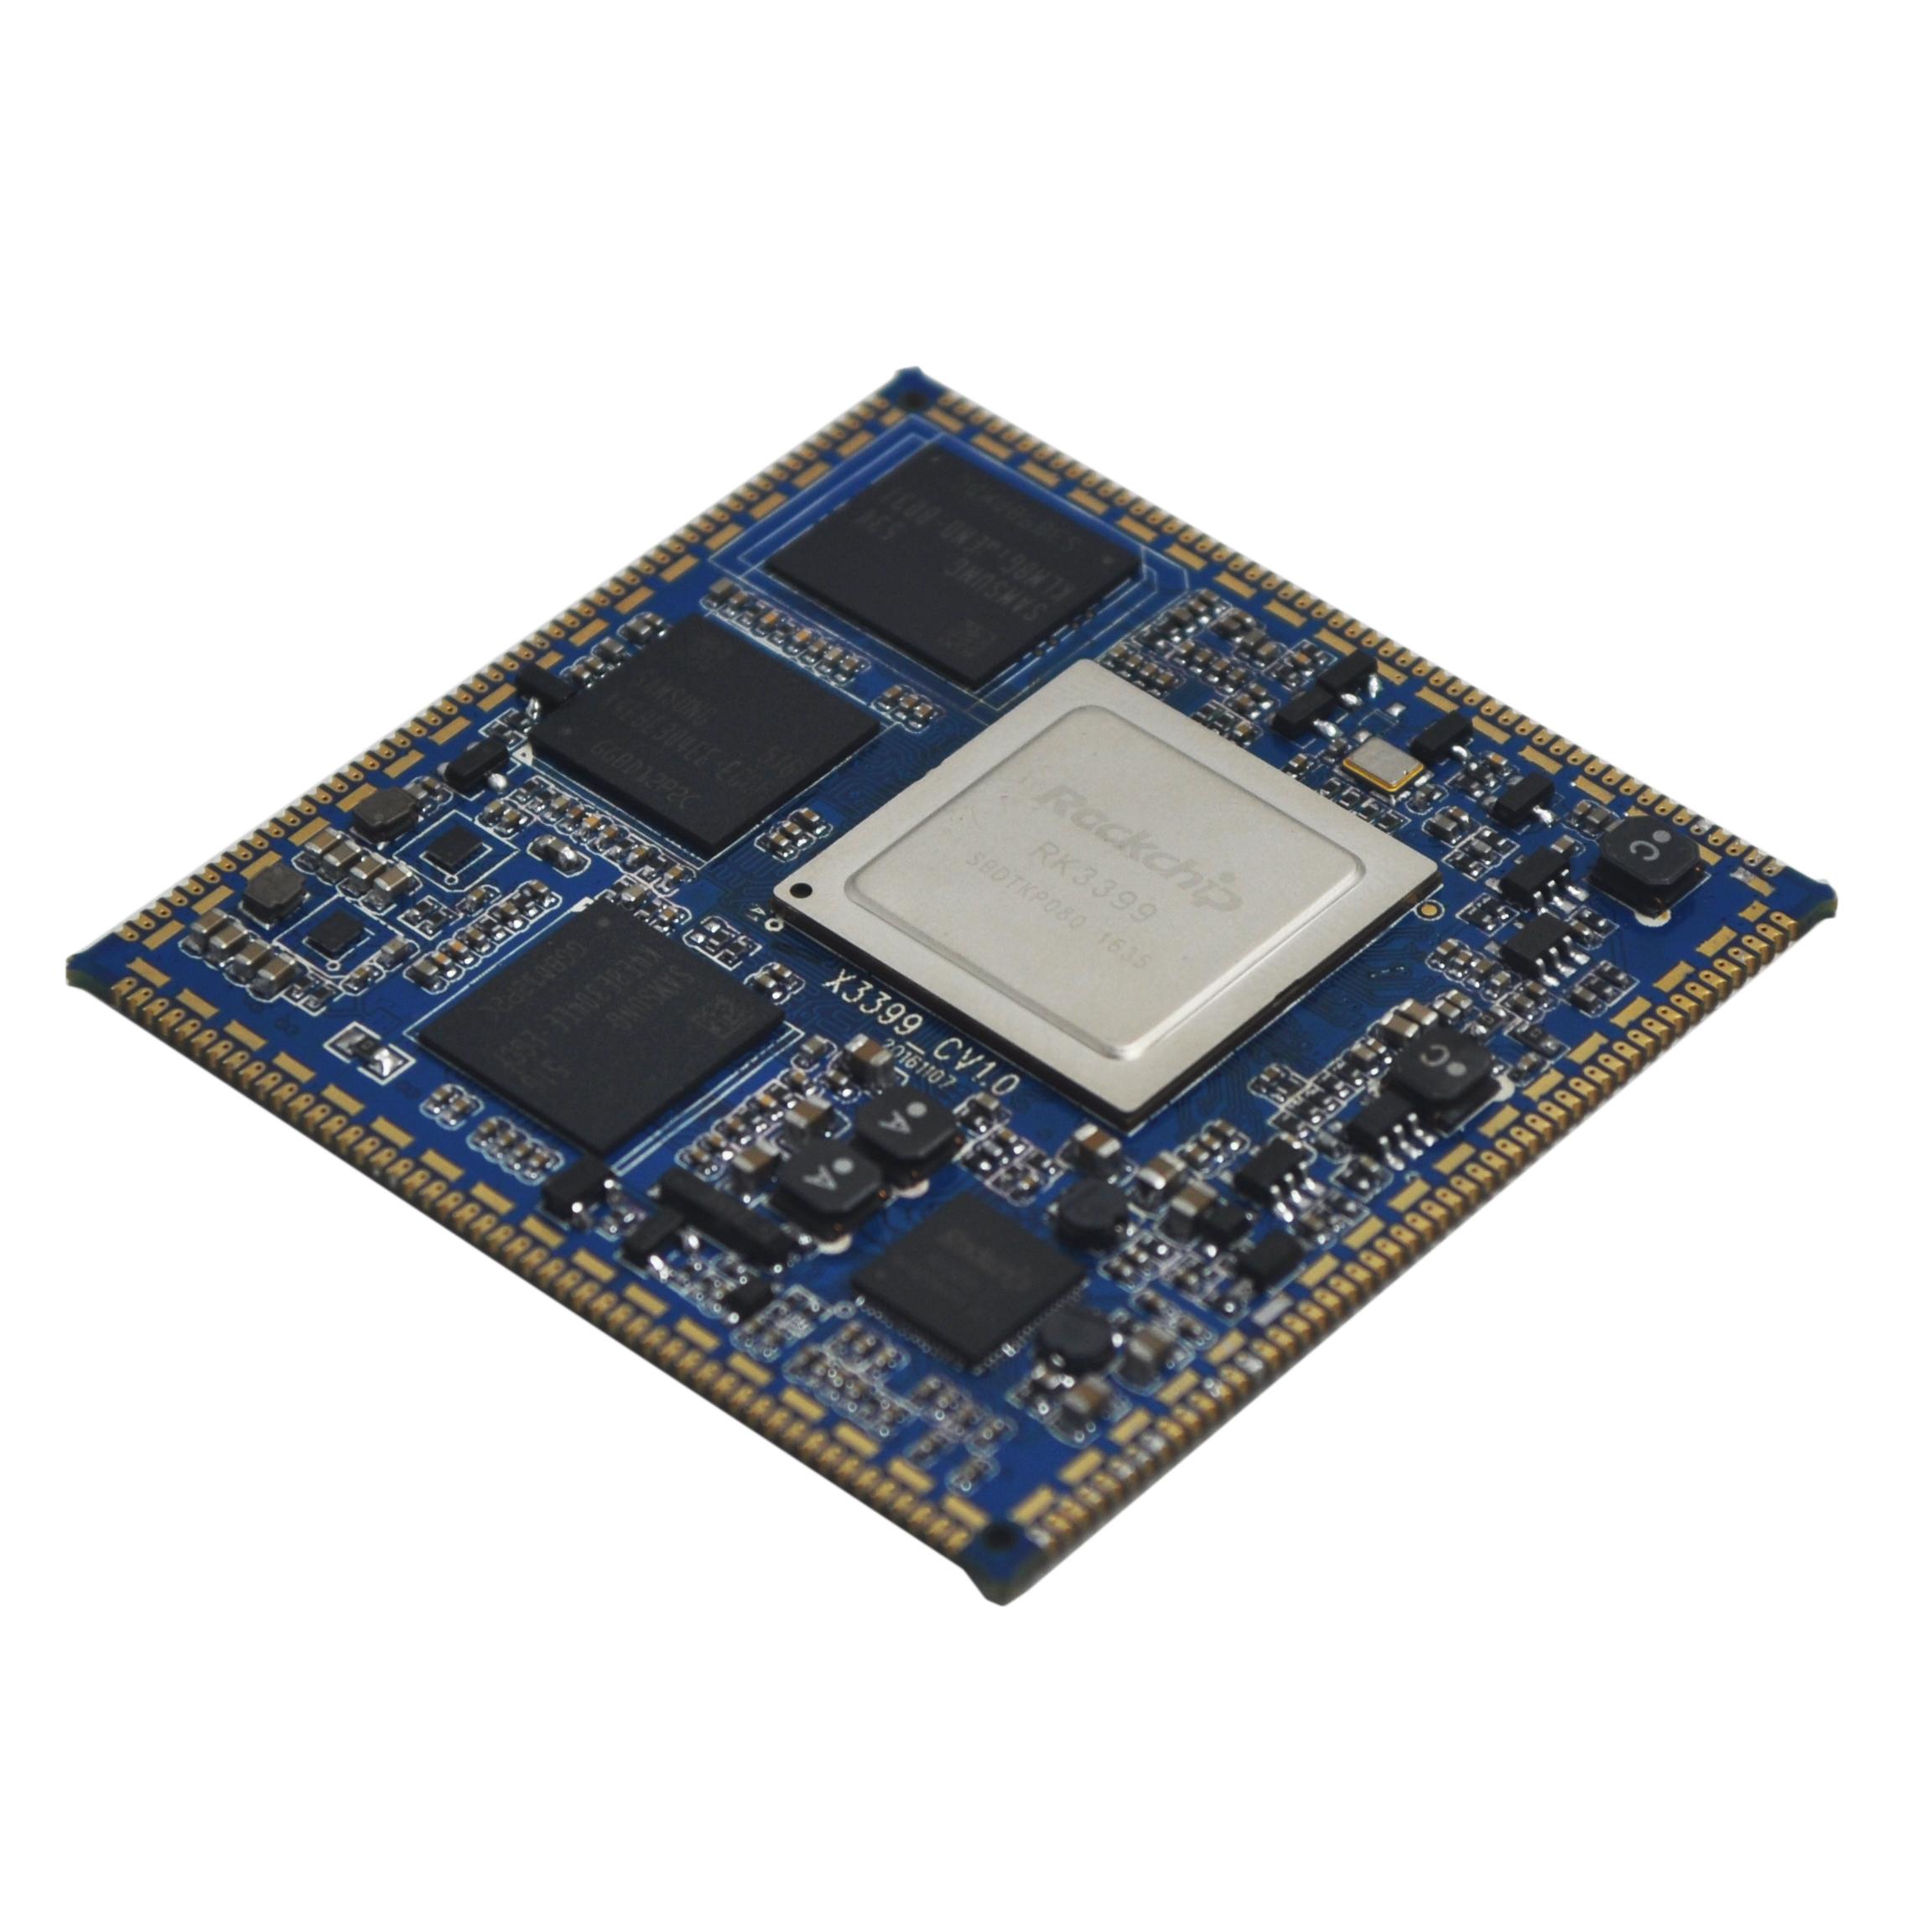 九鼎创展推出基于瑞芯微rk3399的核心板x3399